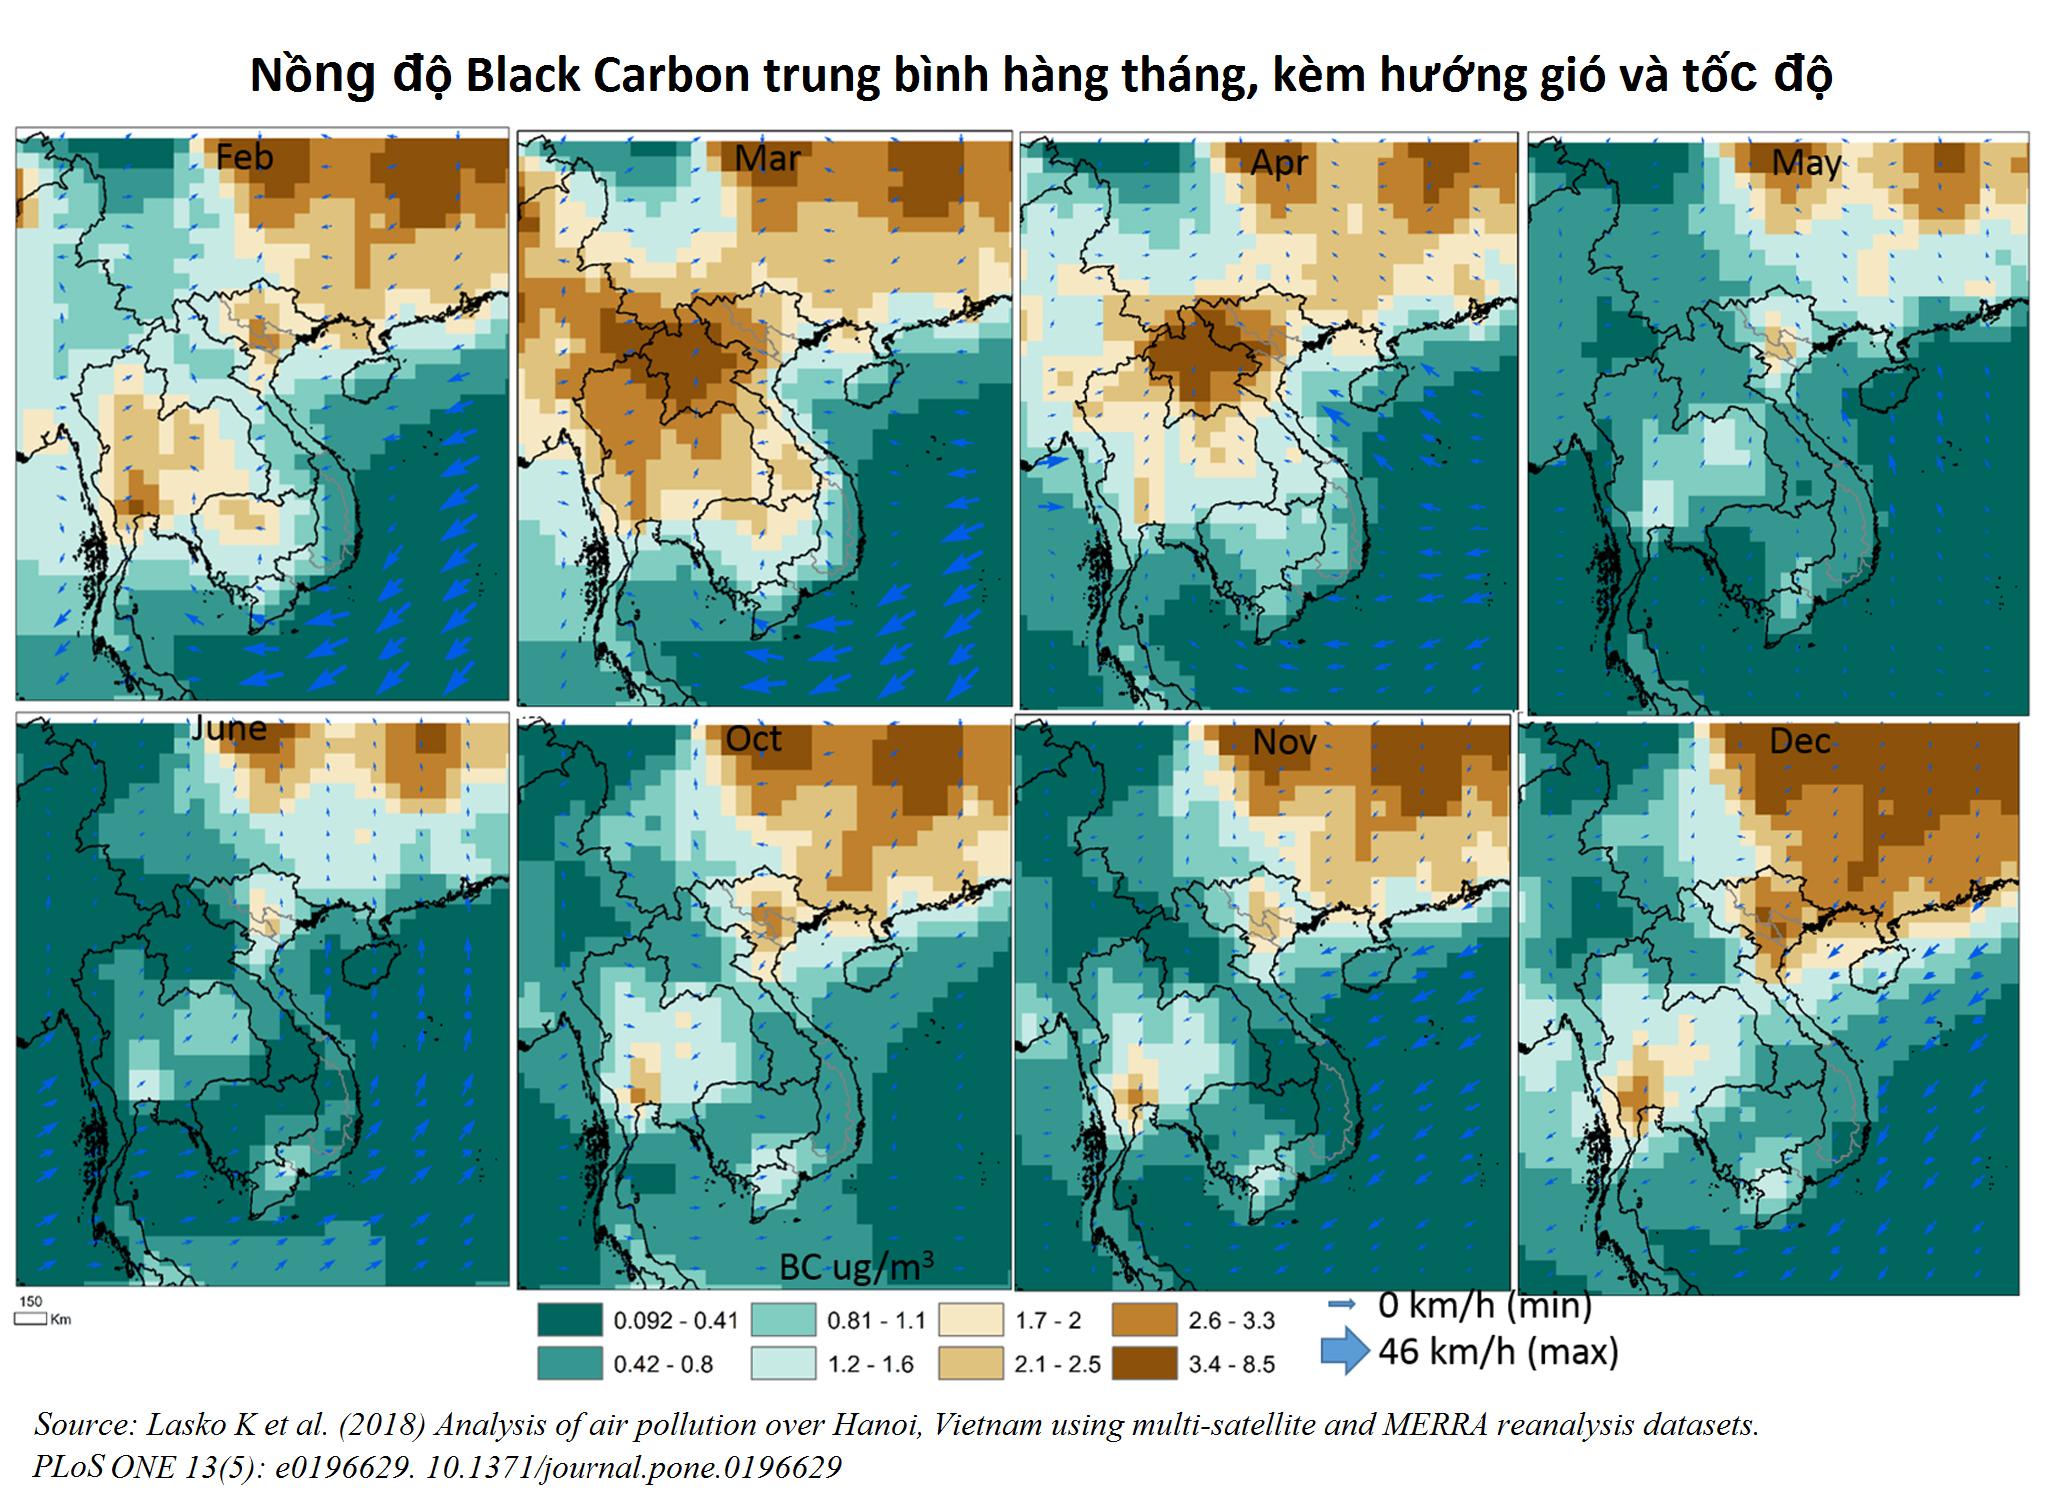 Nồng độ Black Carbon trung bình hằng tháng, kèm hướng gió và tốc độ. Nguồn: PloSOne